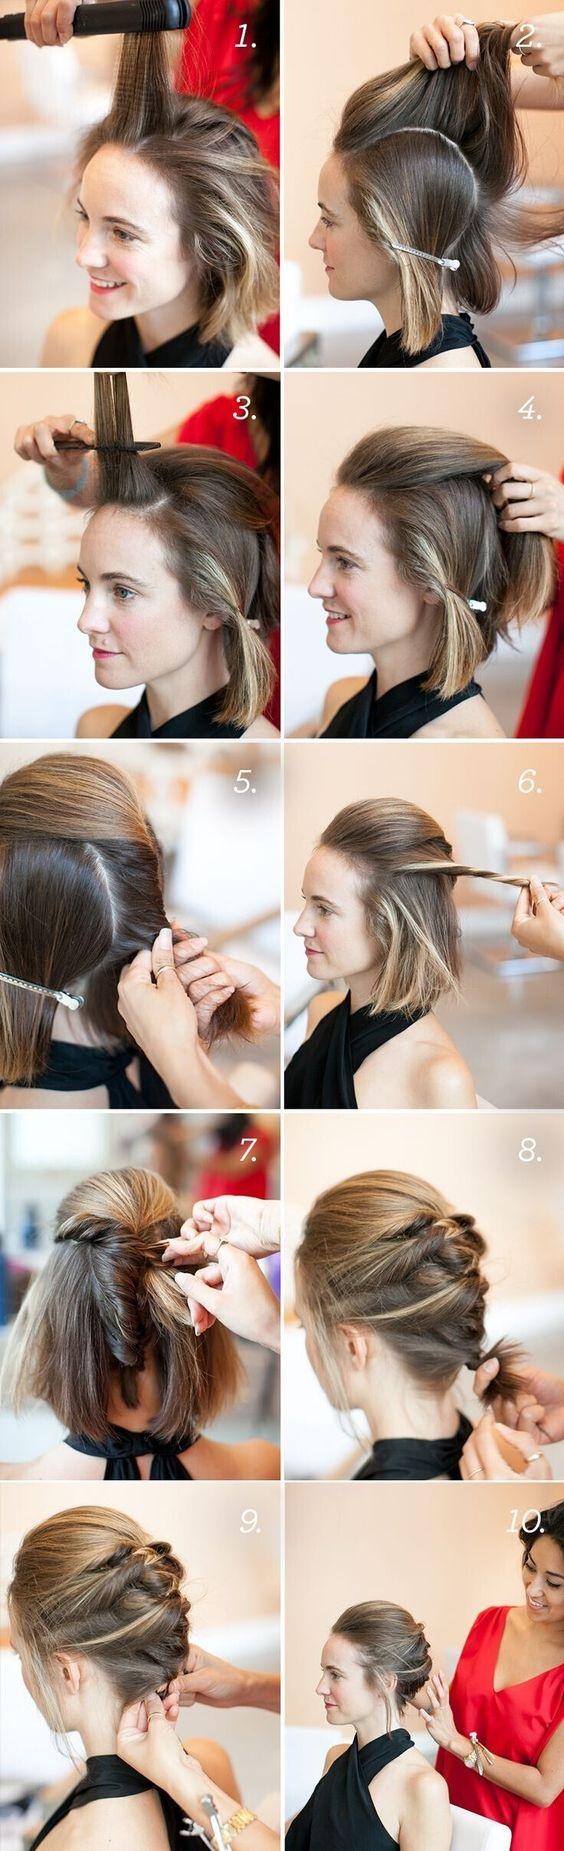 belle-coiffure-8